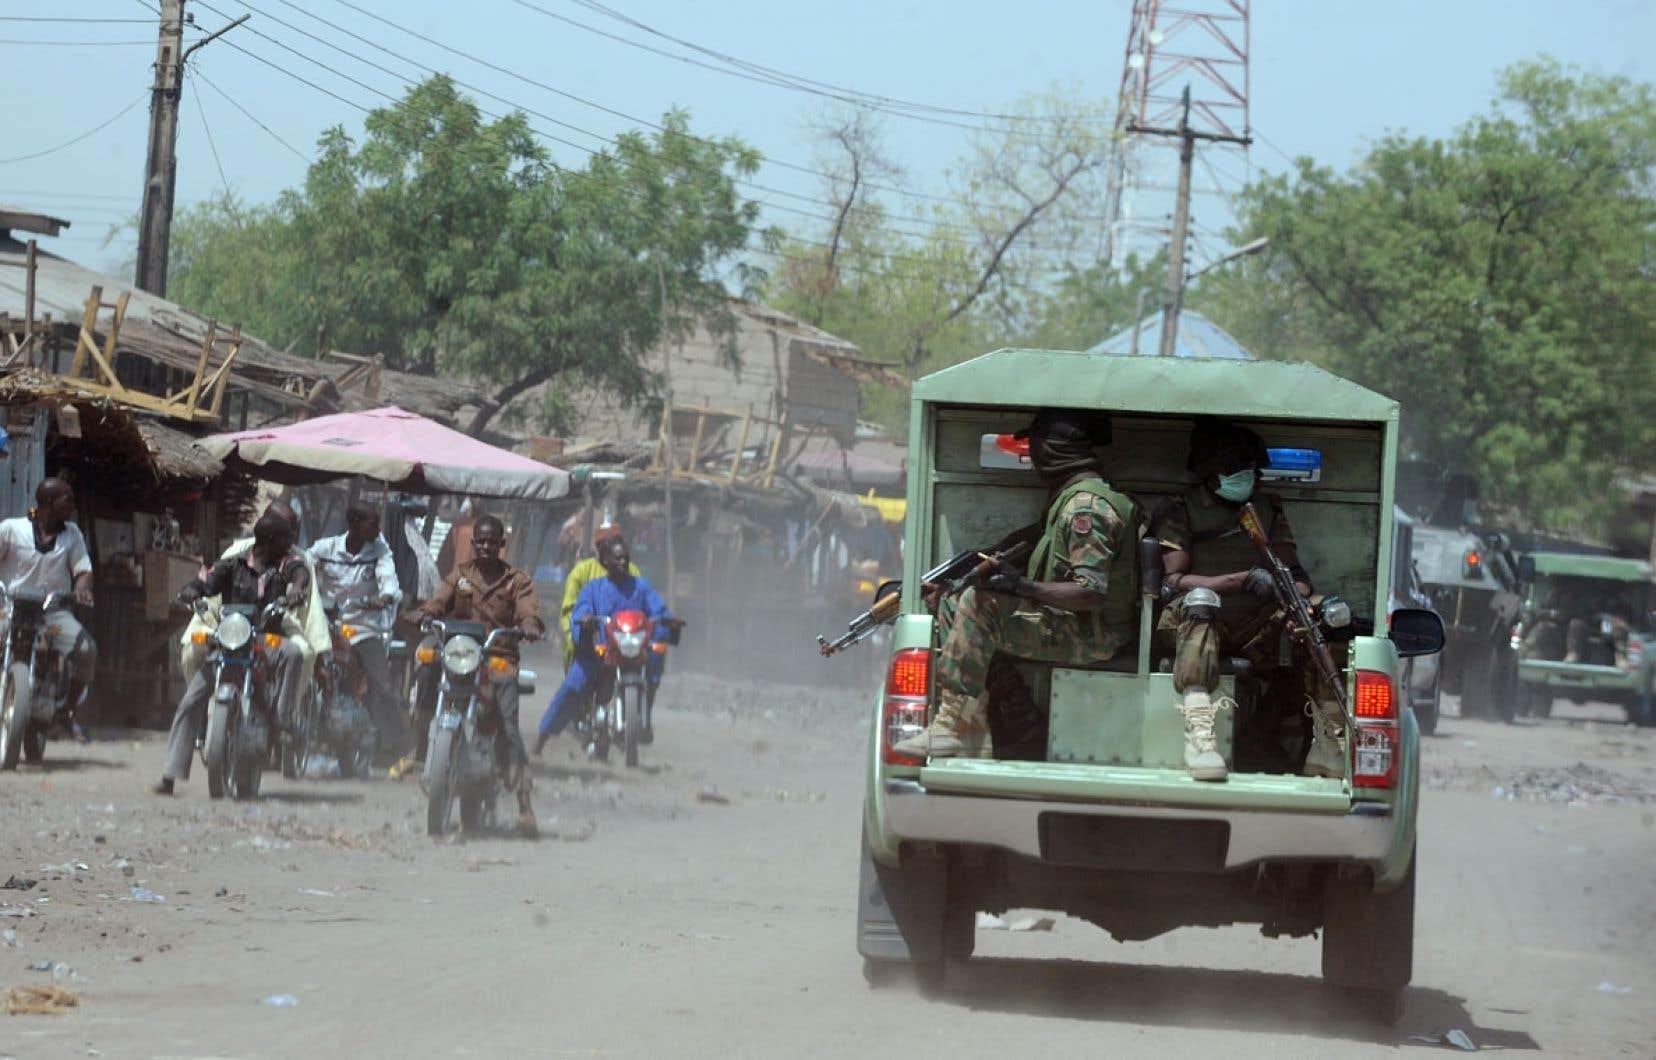 Déjà en avril, l'armée patrouillait dans les rues de Maiduguri, dans l'État de Borno.